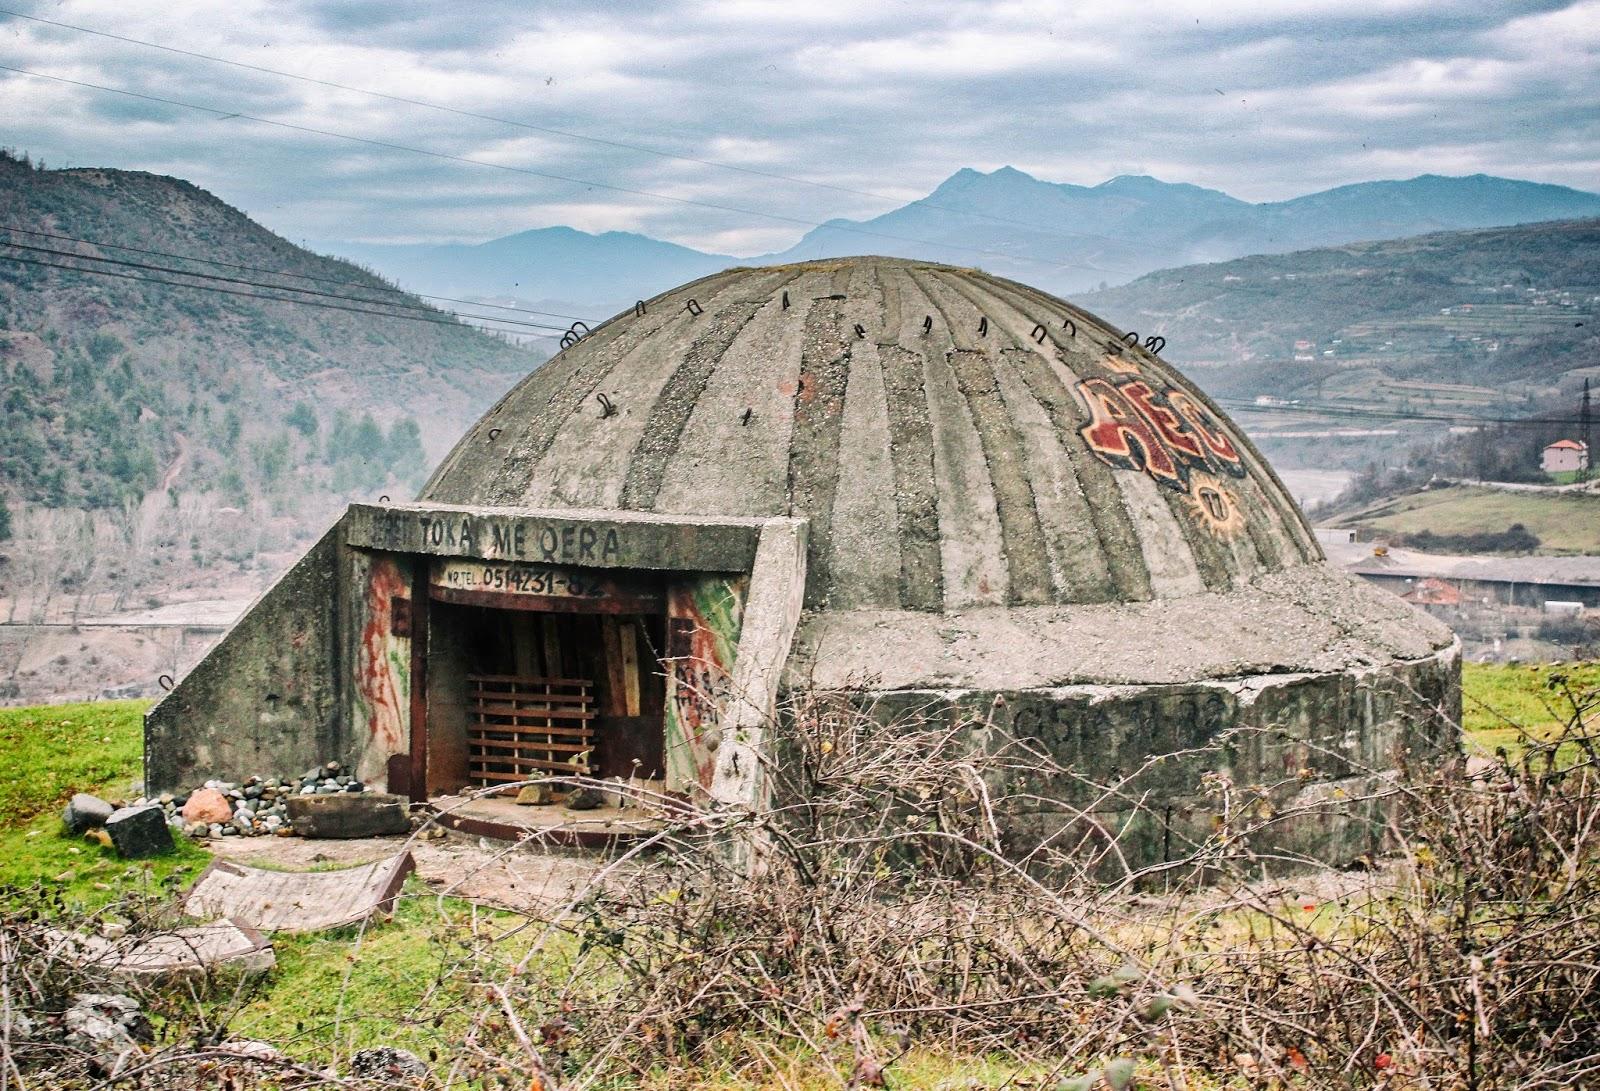 Россия строит новые подземные ядерные бункеры, - разведка США - Цензор.НЕТ 2073